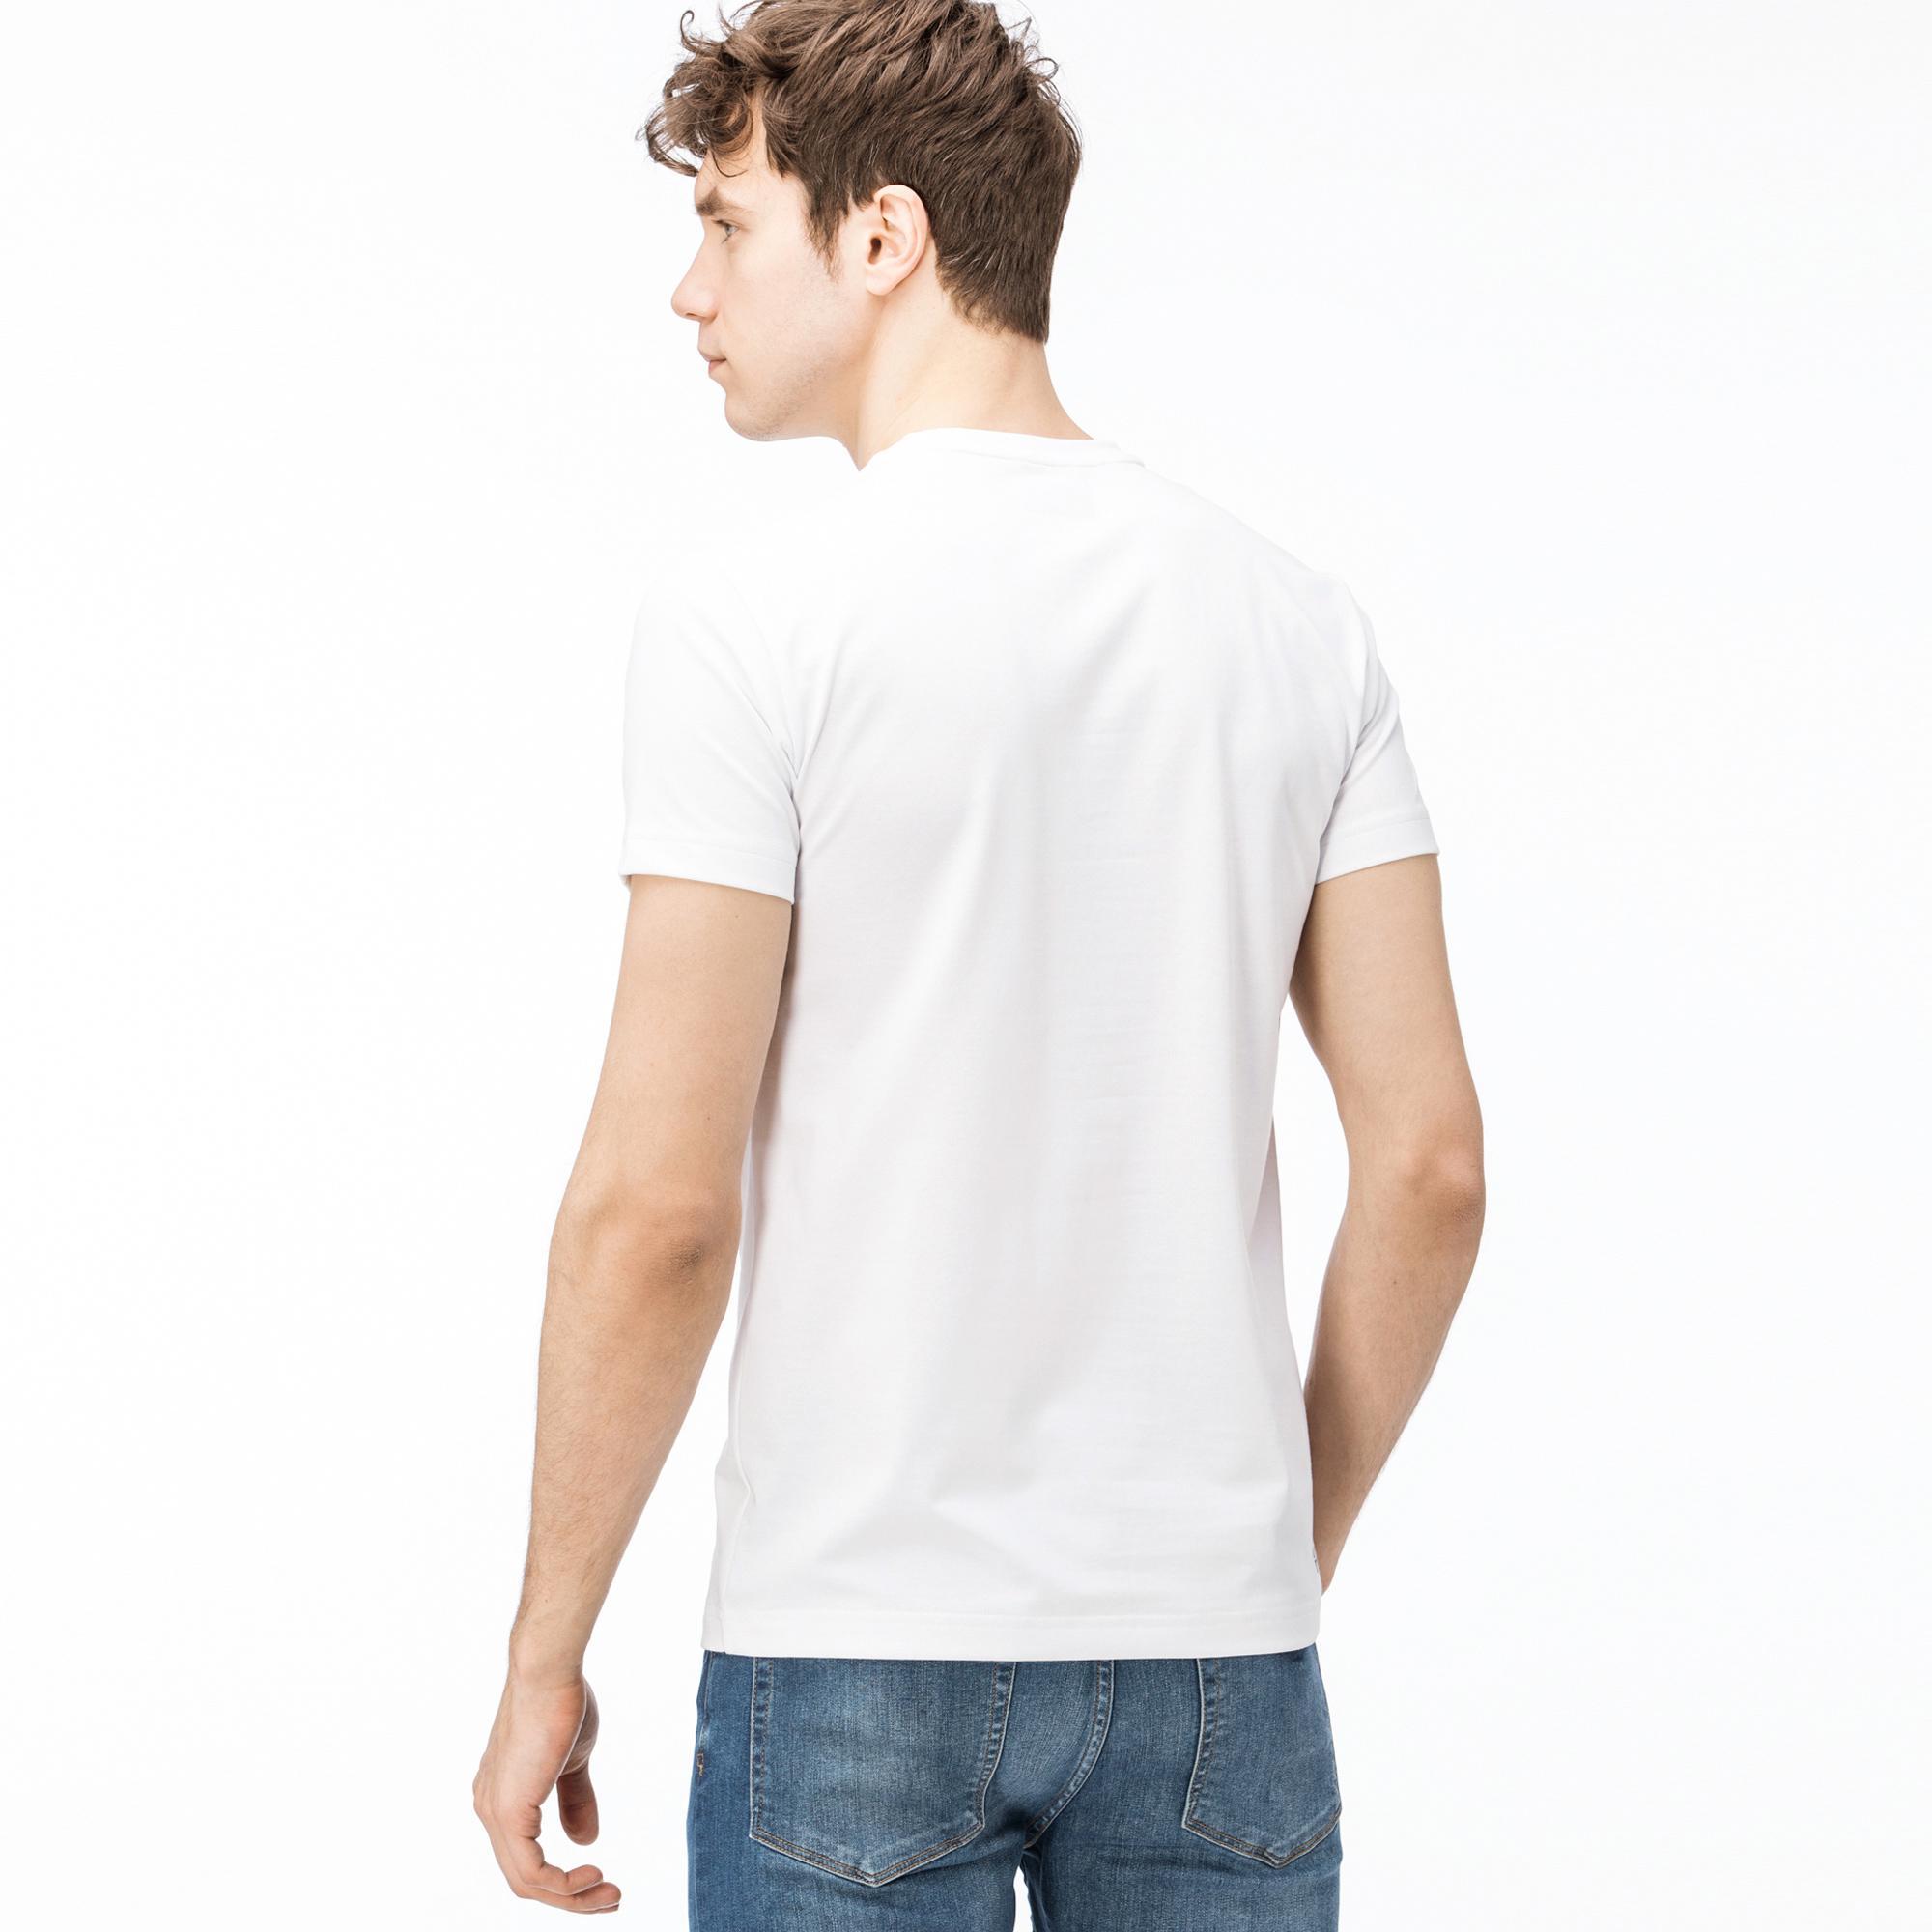 Lacoste Erkek Timsah Baskılı Beyaz T-Shirt